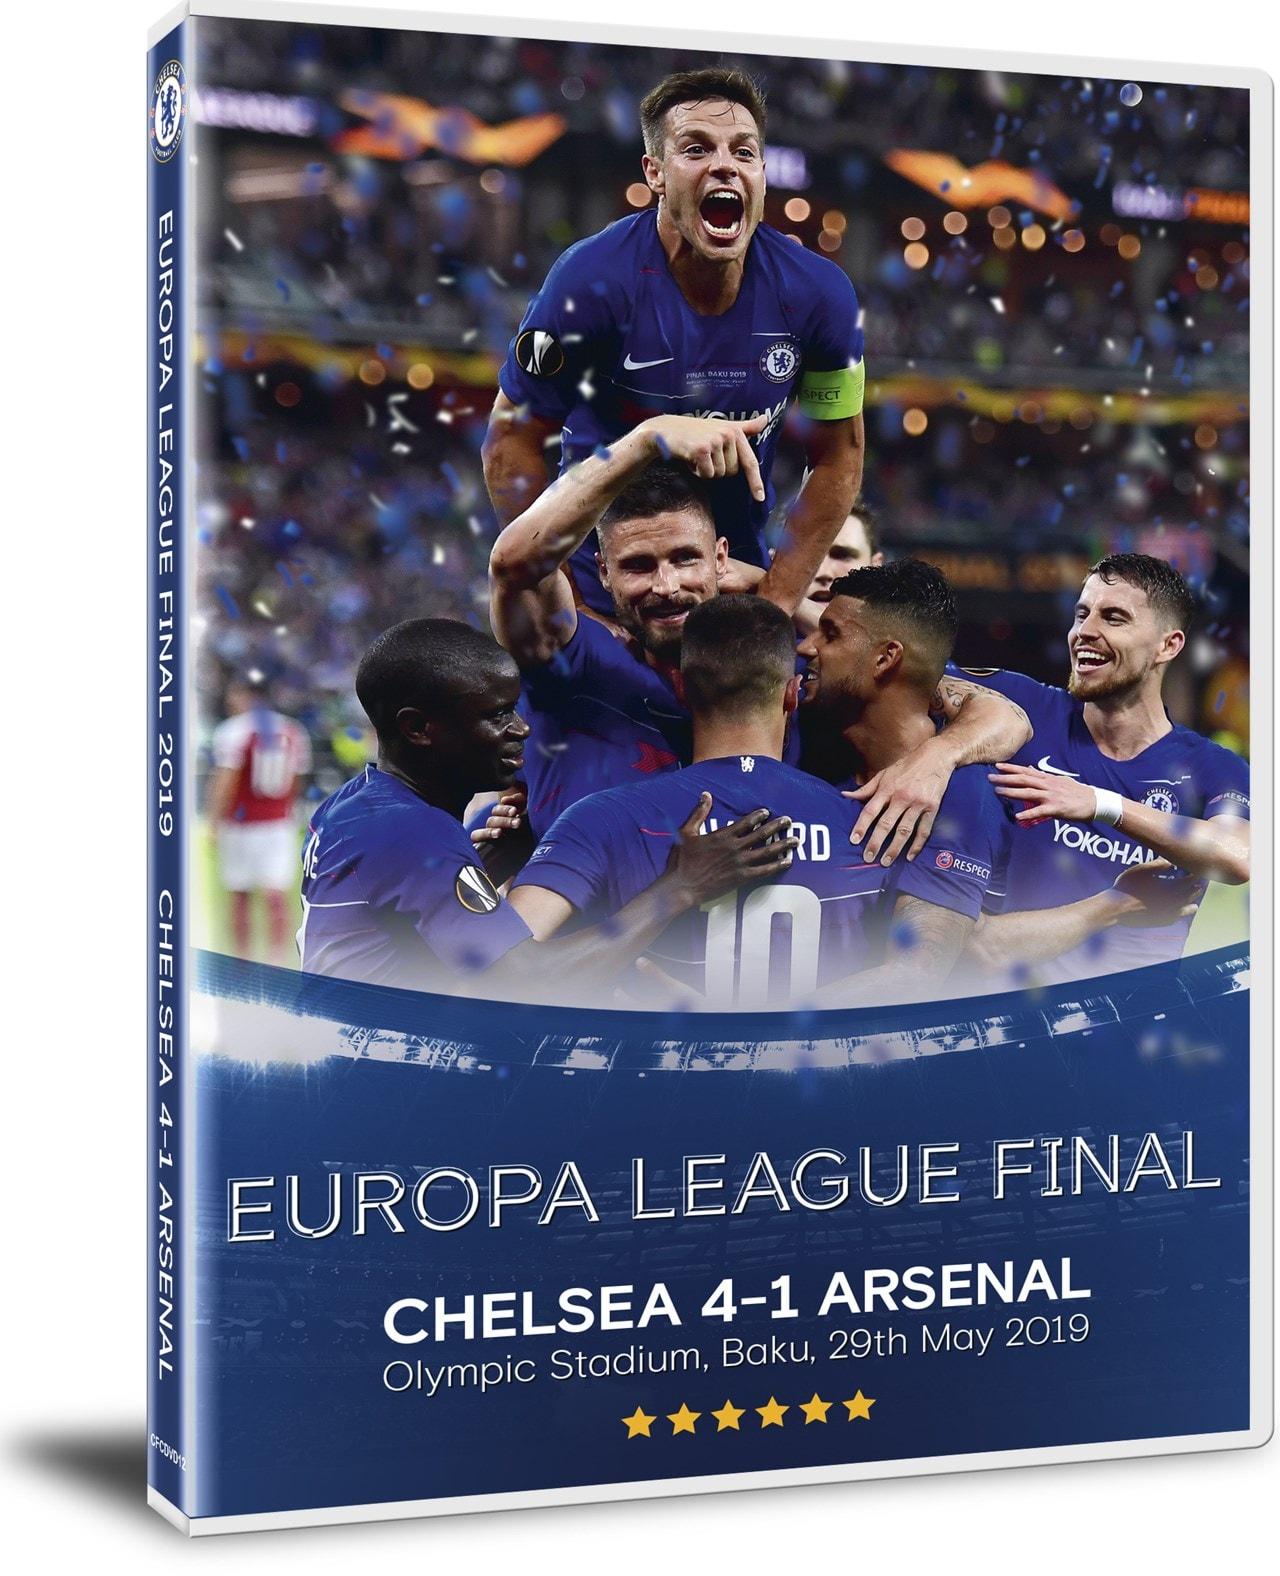 2019 Europa League Final - Chelsea 4 Arsenal 1 - 2